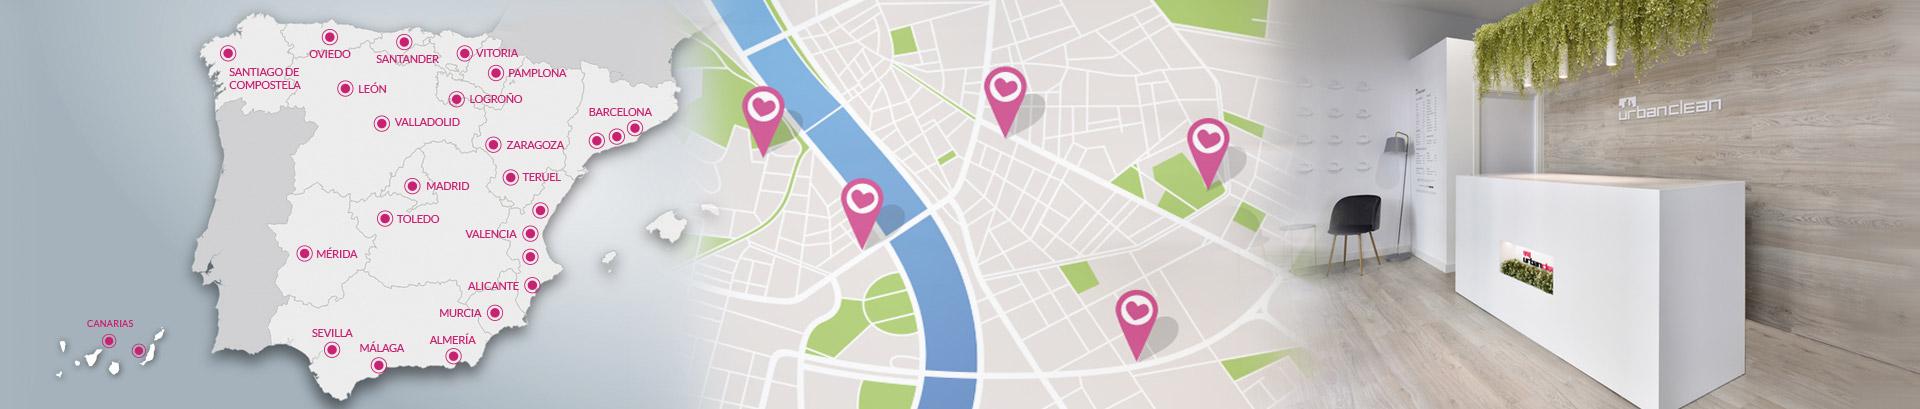 Mapa red de tiendas UrbanClean